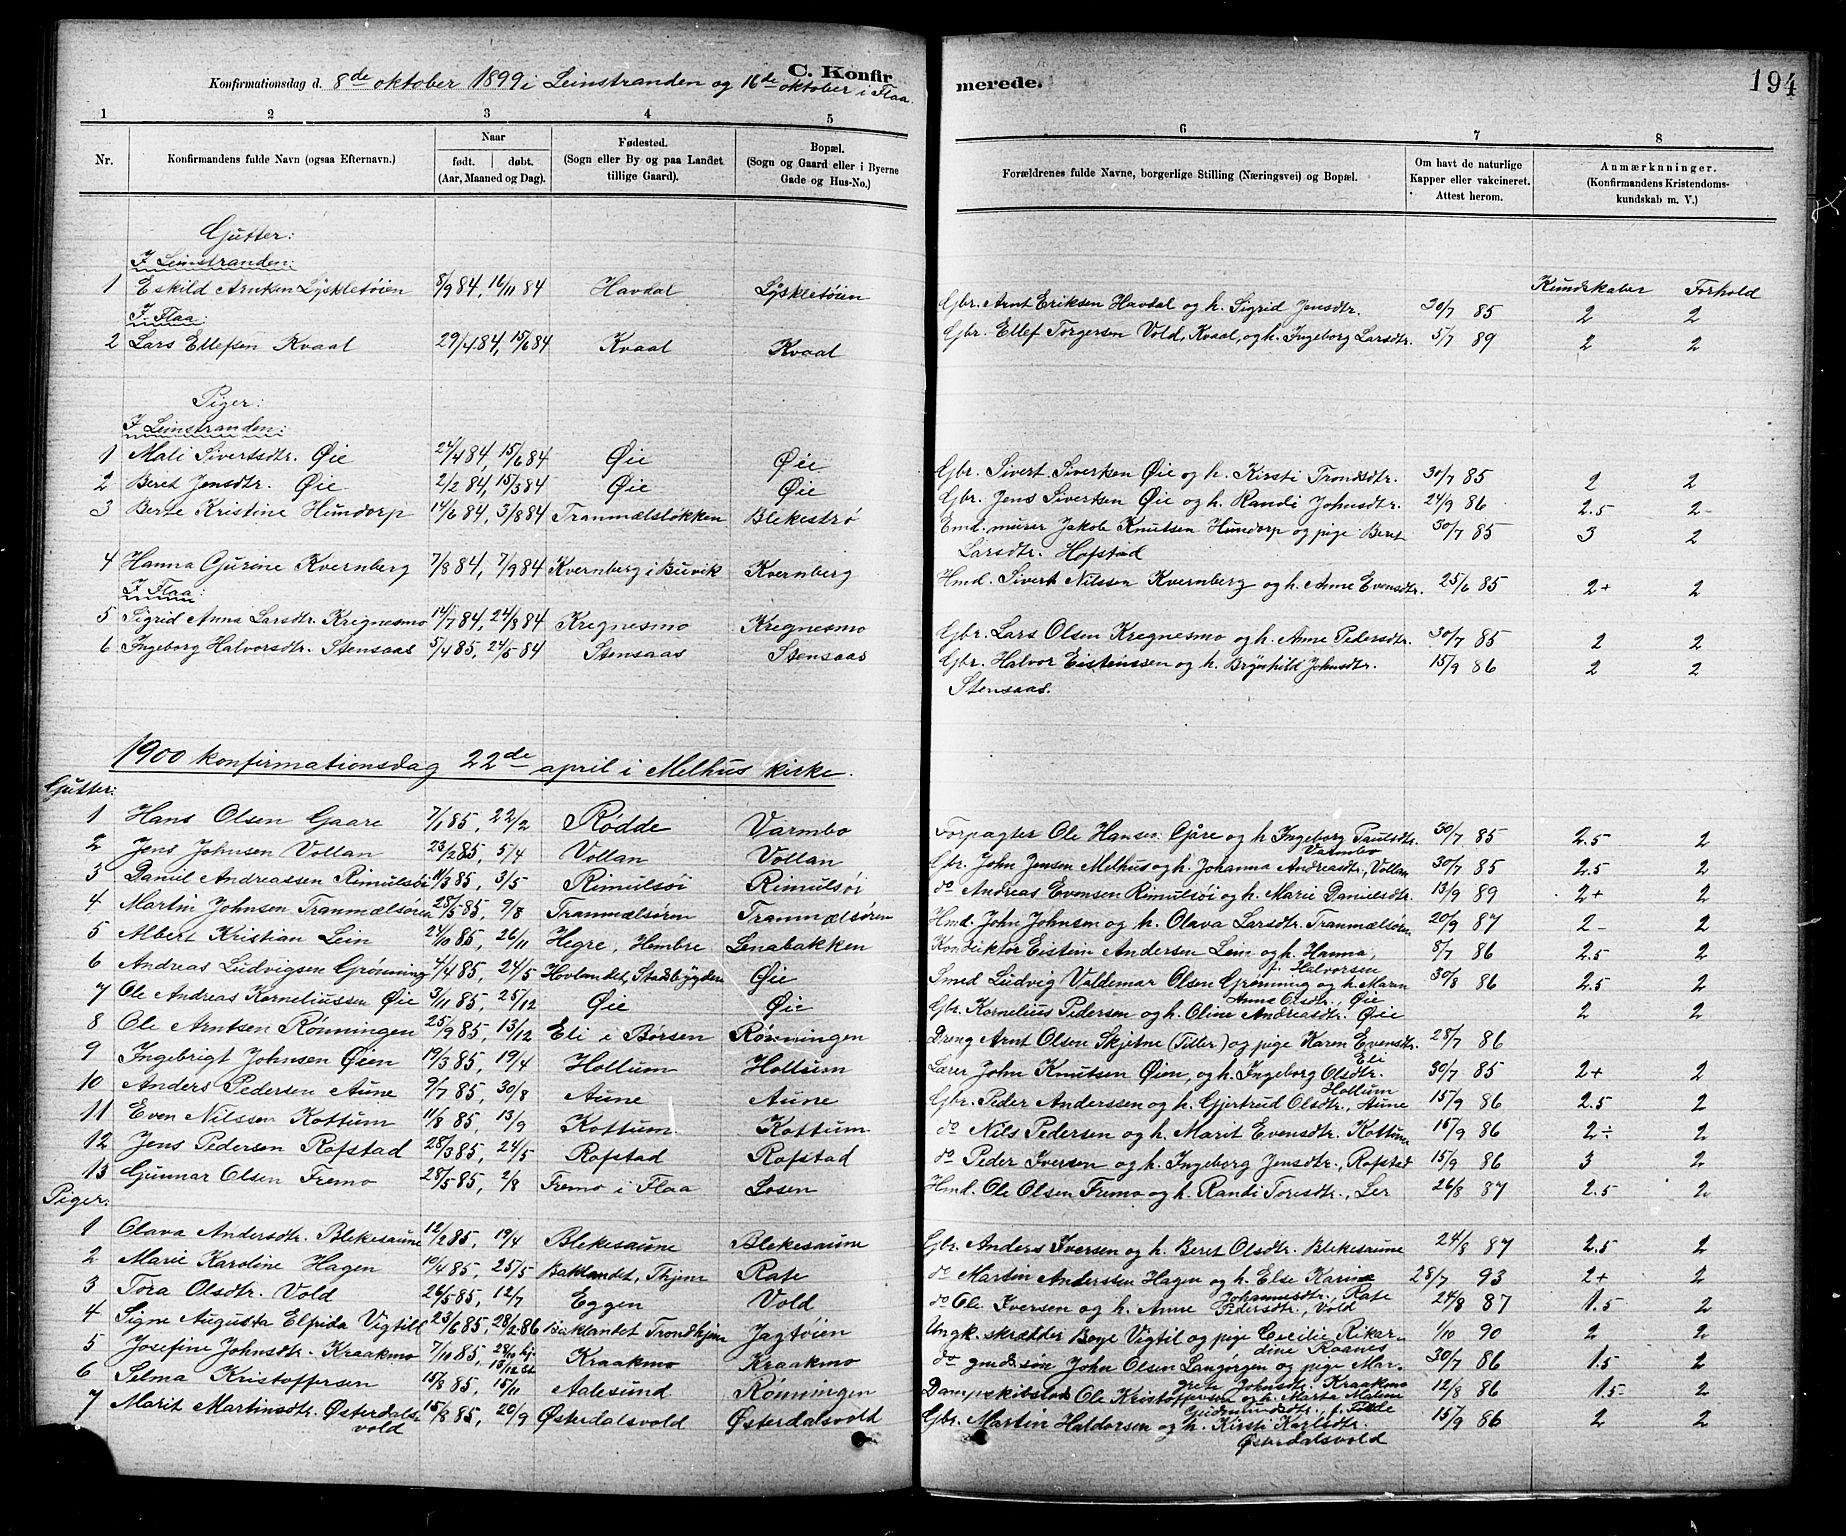 SAT, Ministerialprotokoller, klokkerbøker og fødselsregistre - Sør-Trøndelag, 691/L1094: Klokkerbok nr. 691C05, 1879-1911, s. 194